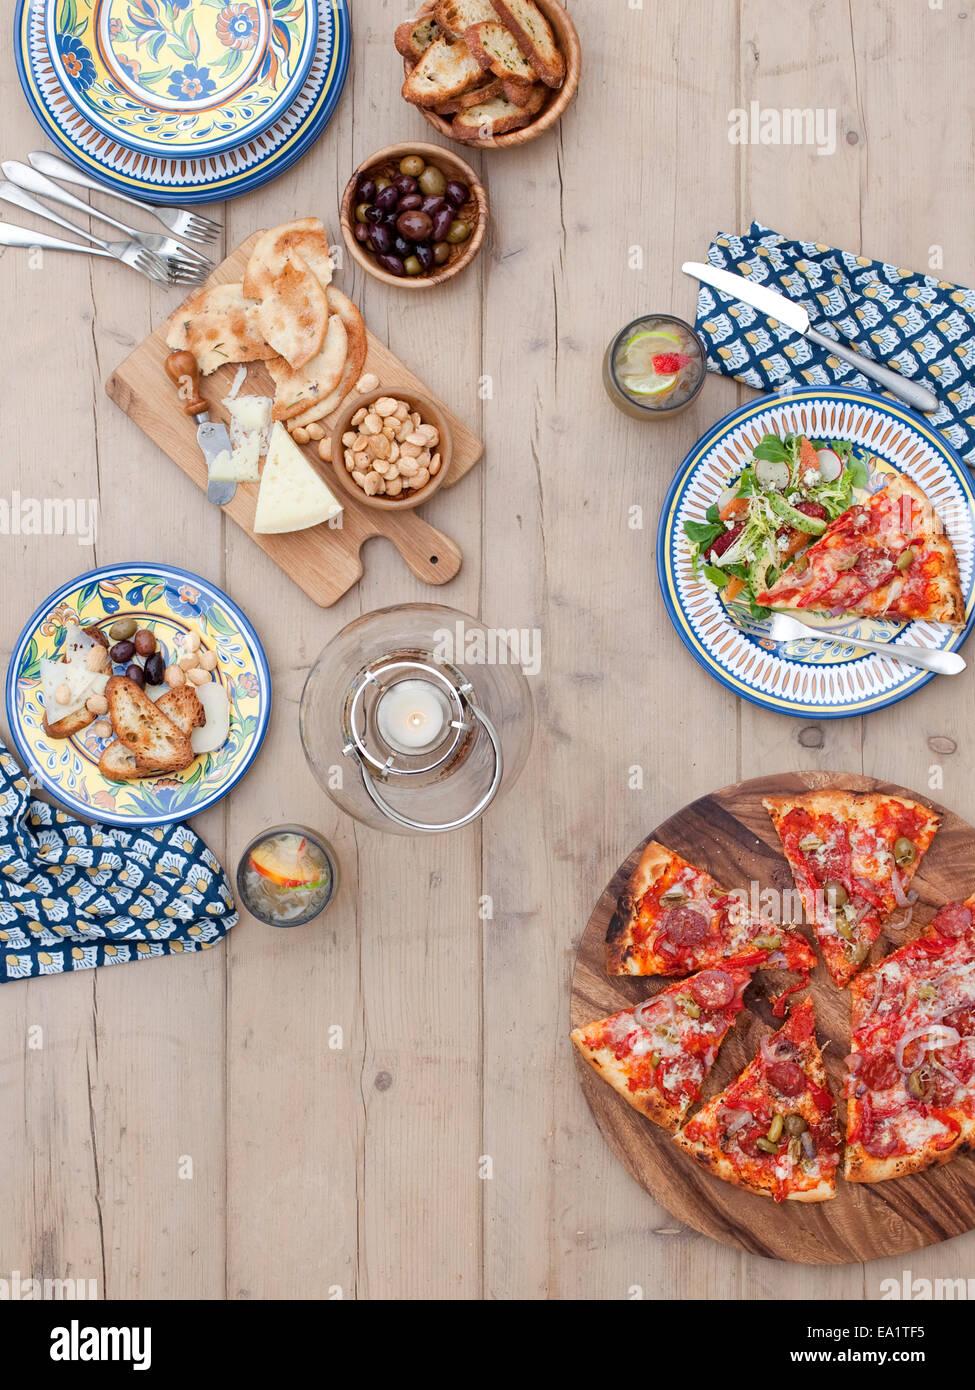 Outdoor tavolo da pranzo insieme con la pizza Immagini Stock